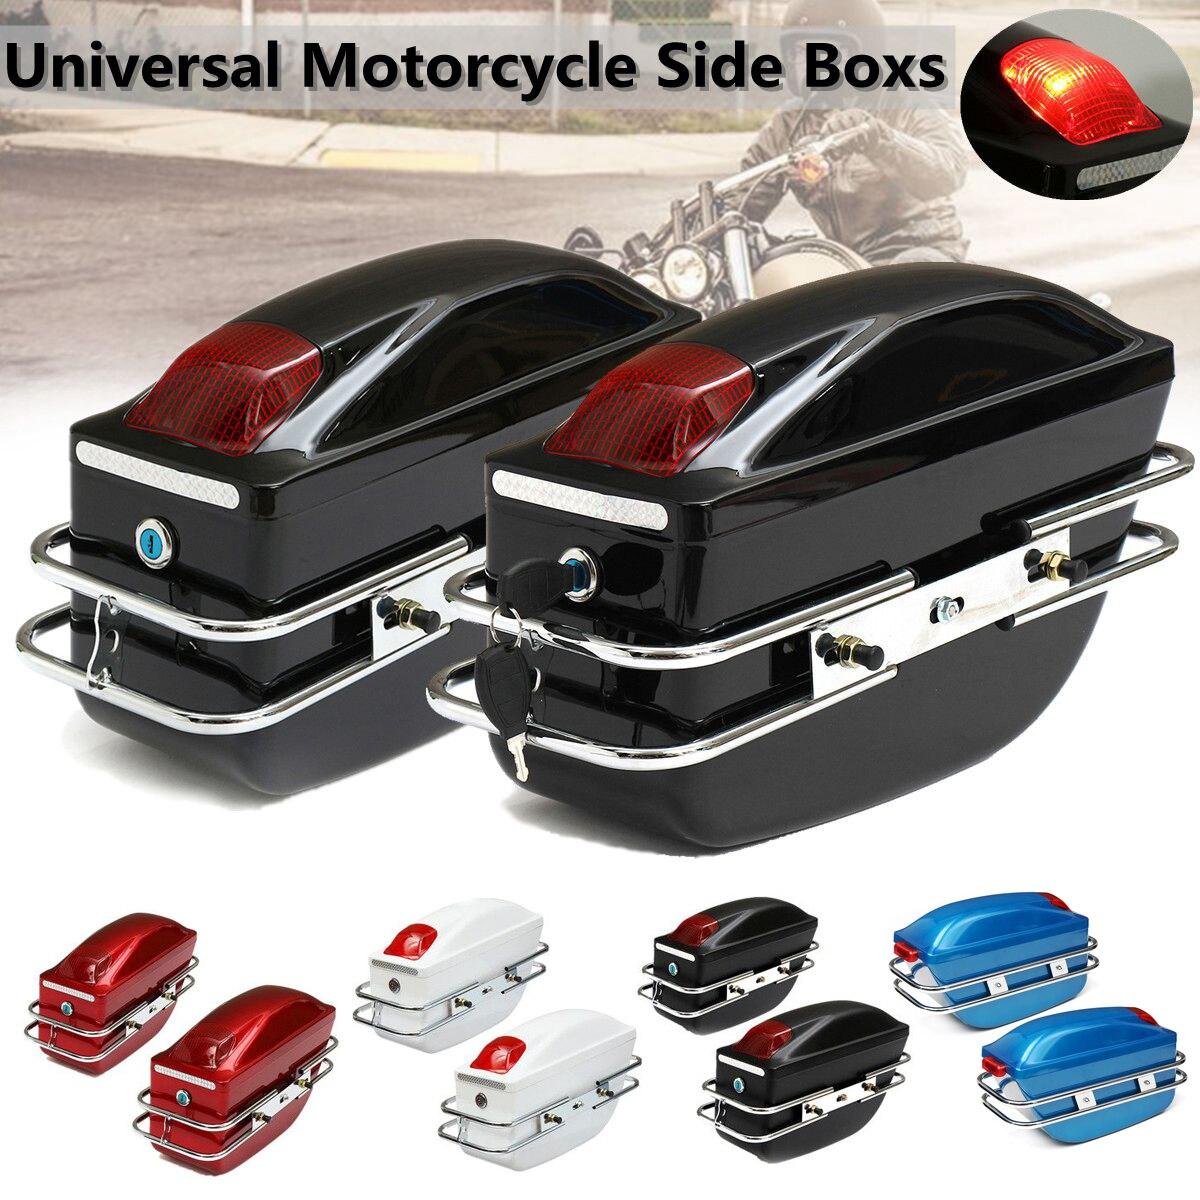 Mofaner 1 Pair Universale Del Motociclo Side Boxs Bagaglio Serbatoio Strumento di Coda di Caso Duro Del Sacchetto Borse da Sella Per Kawasaki Per Harley per Honda